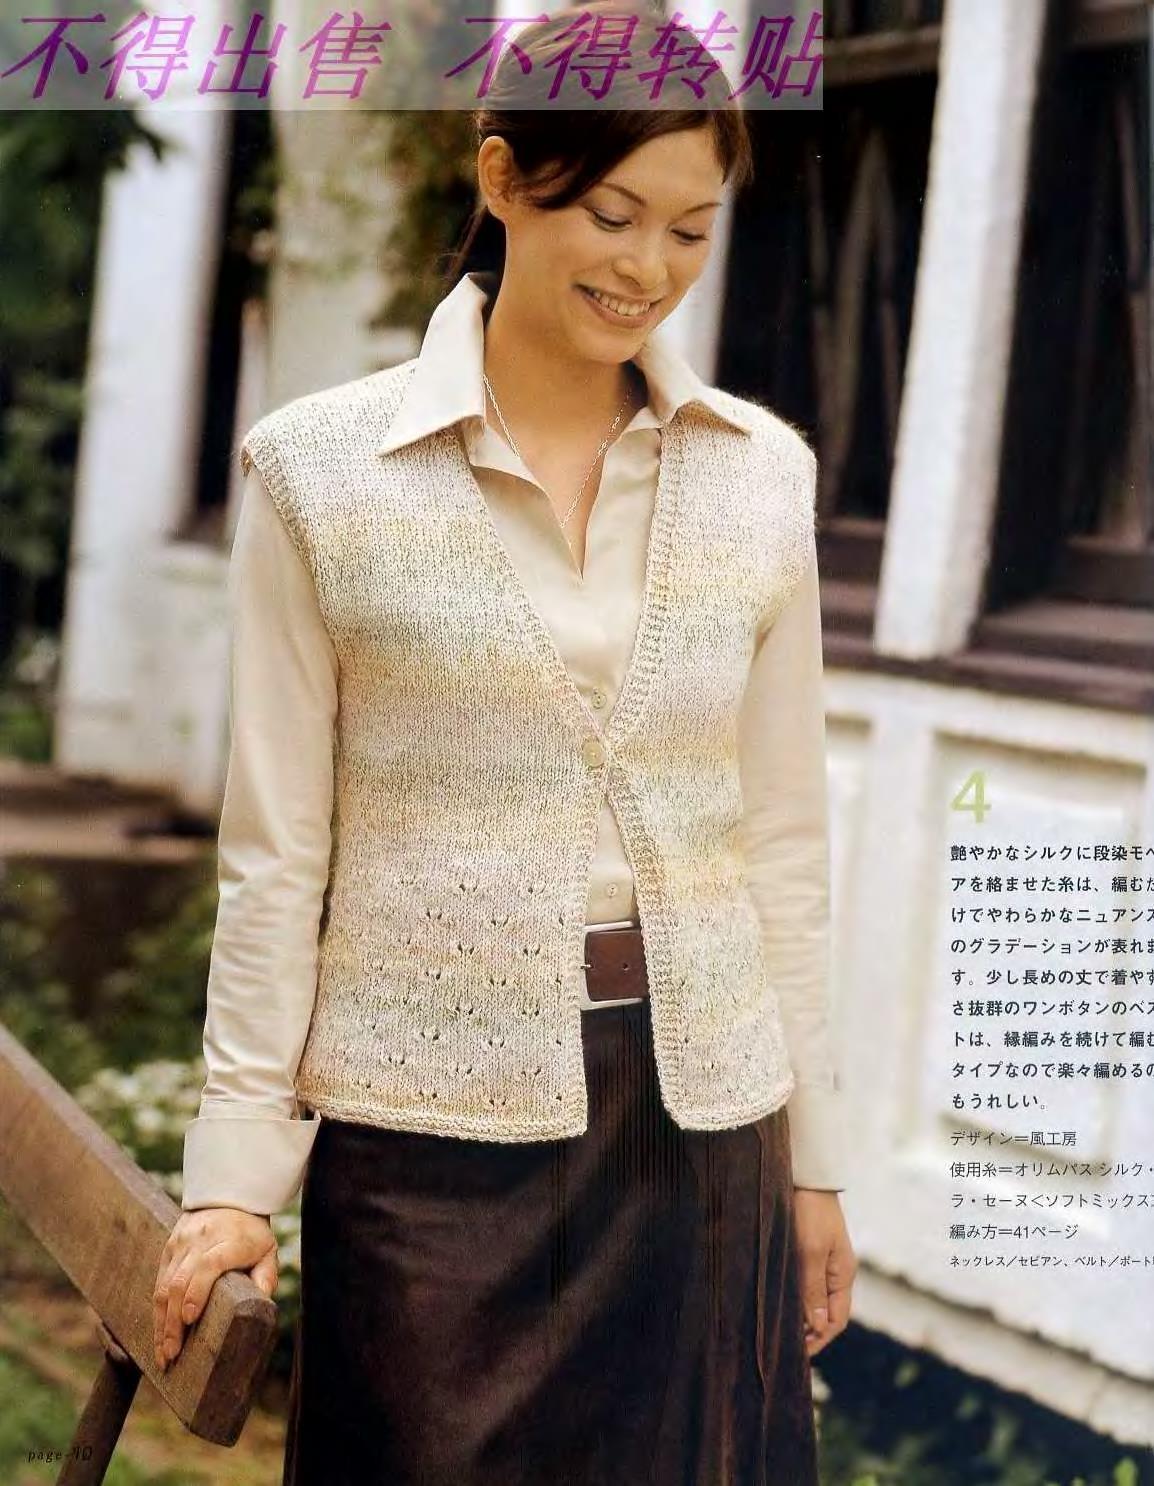 Lets-knit-series-Blue-Lace-sp-kr_7.jpg